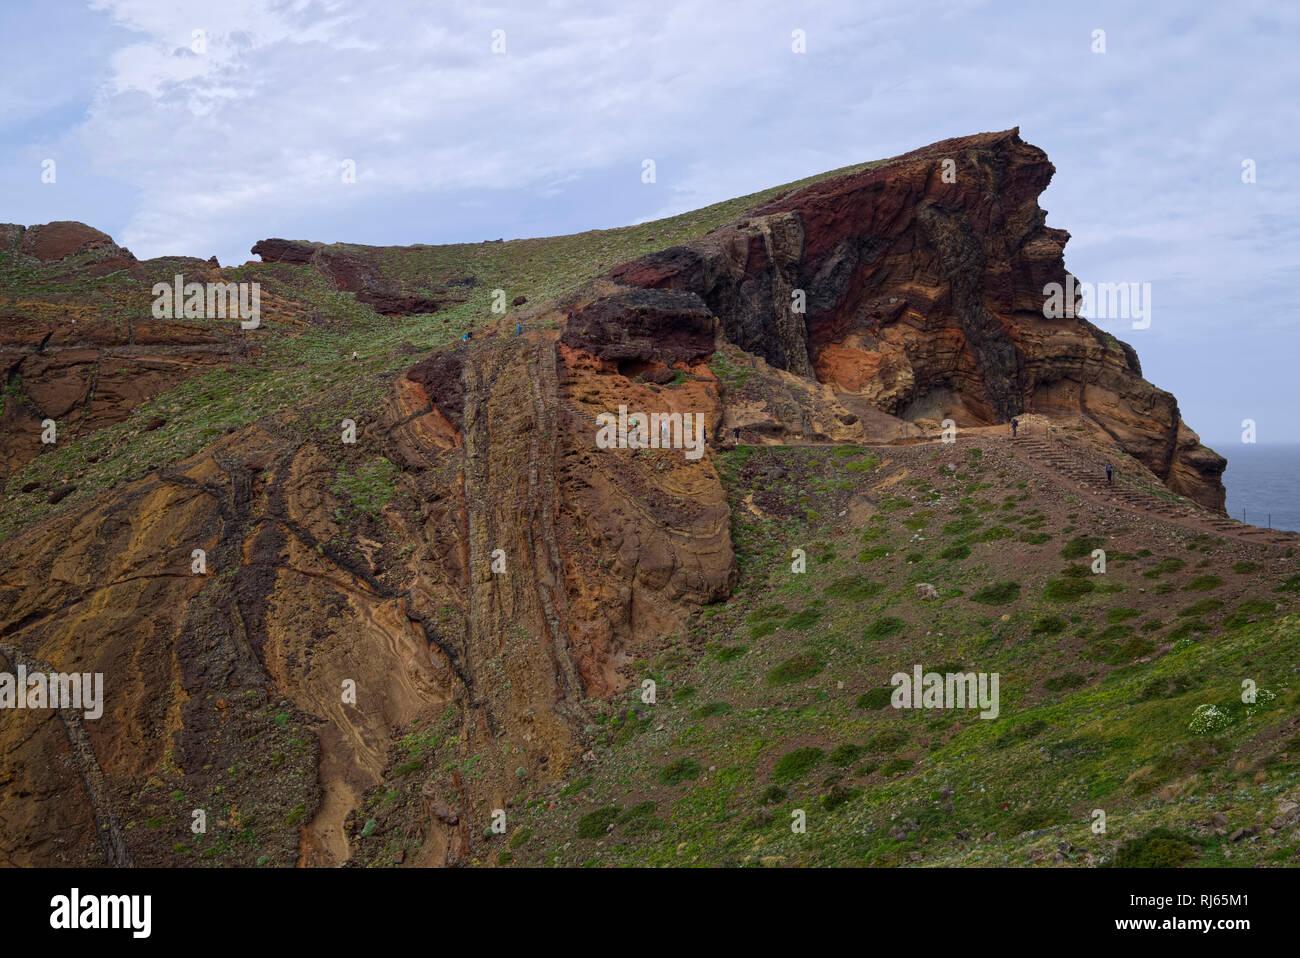 Portugal, Madeira, Meer, Fels, vulkanisch, Gestein, grün - Stock Image